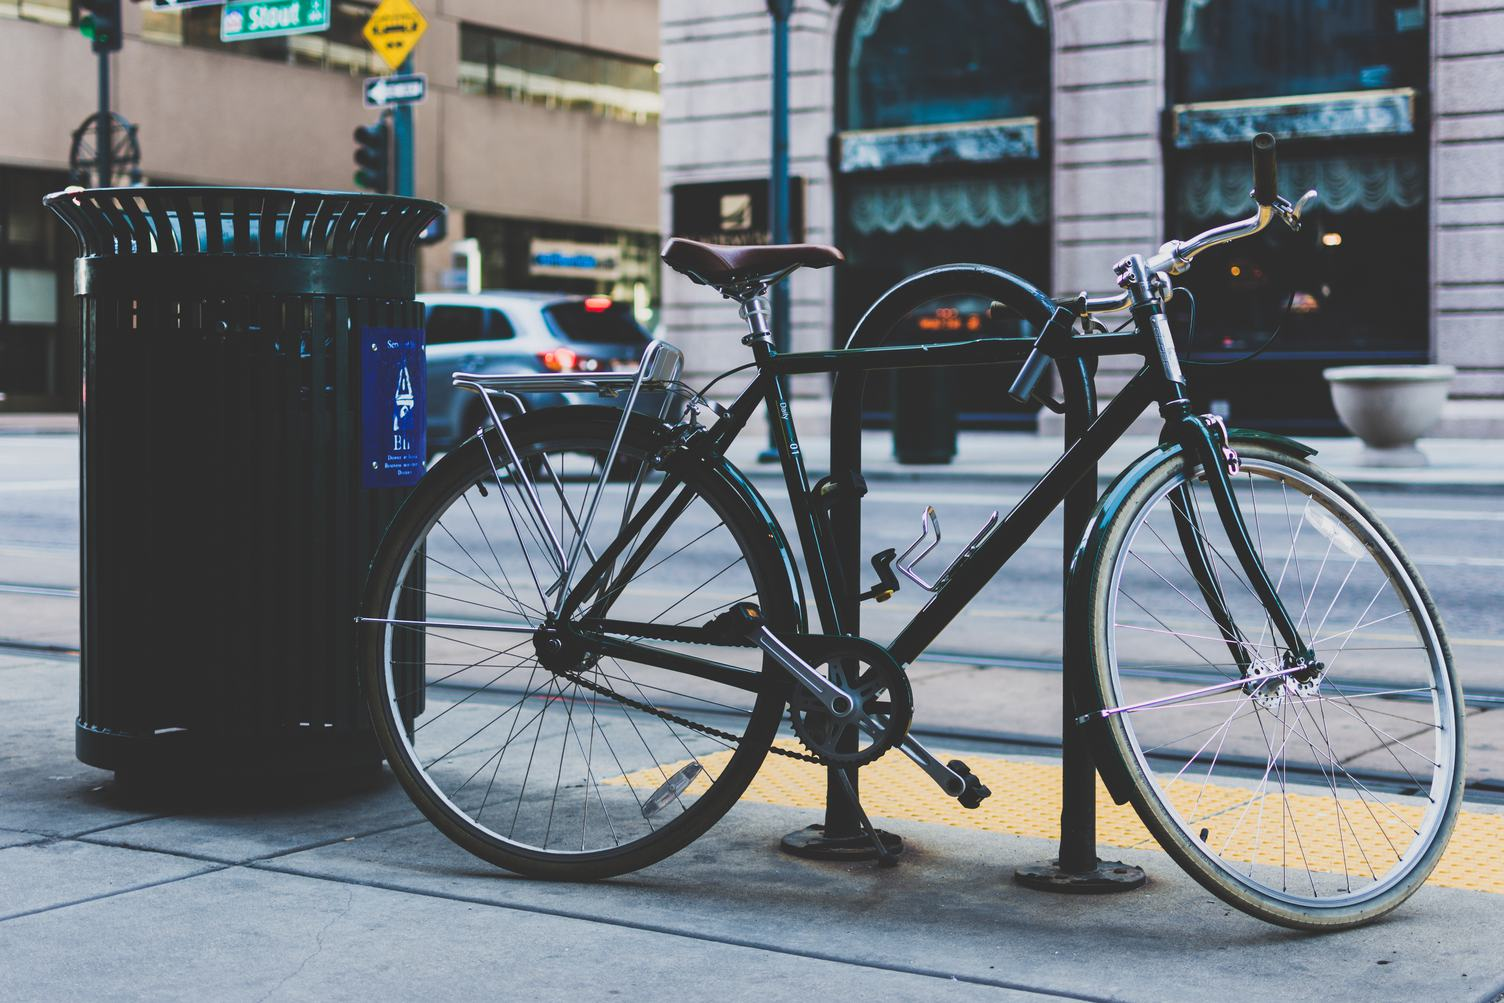 Bike Locked it the Street